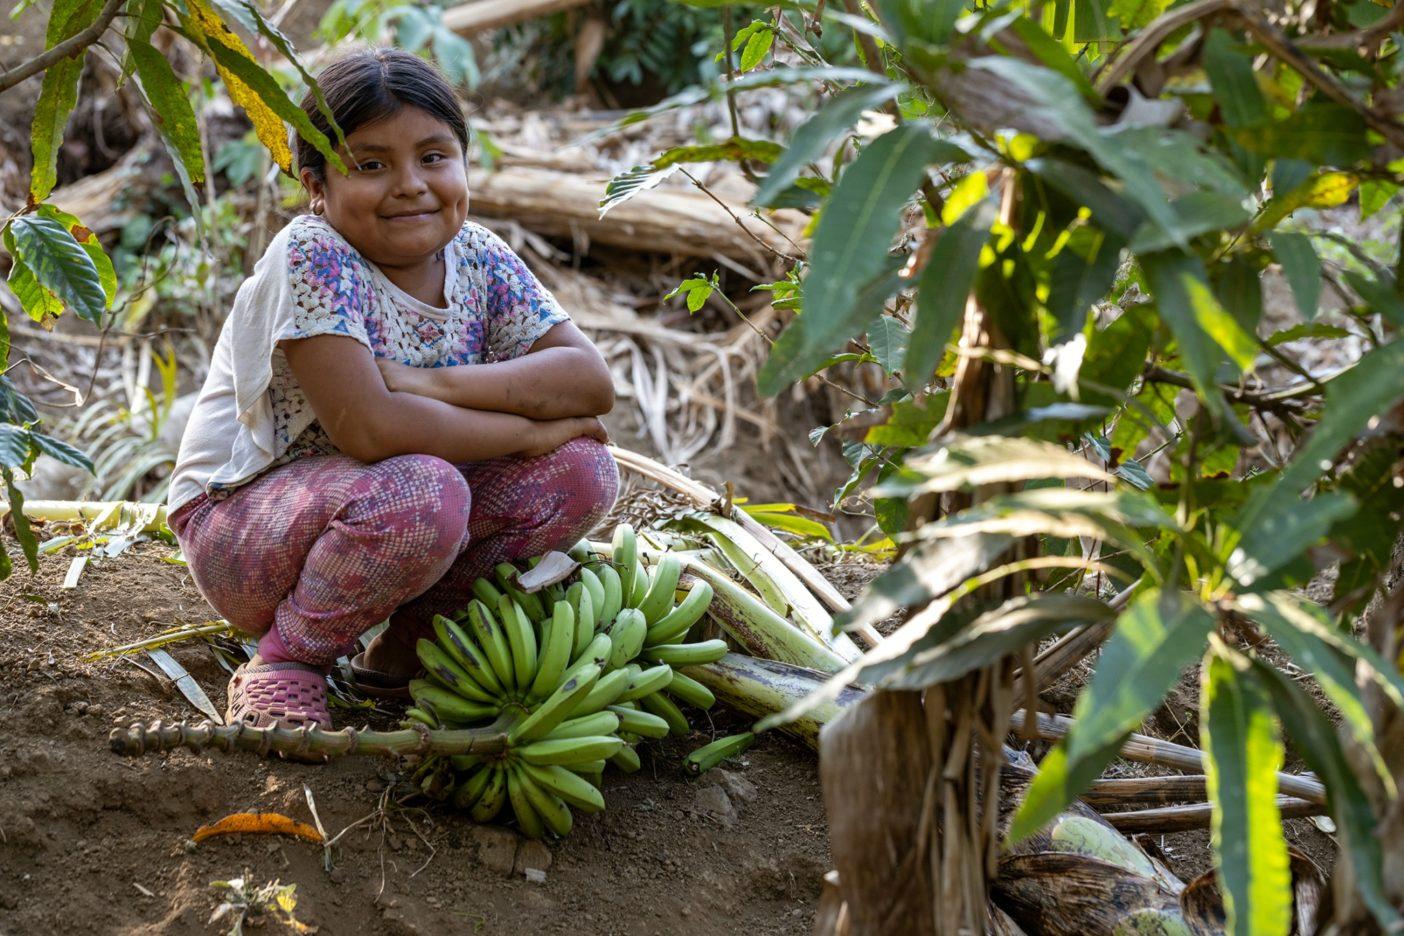 収穫されたバナナの束の傍らに座る農家の娘。多種の作物を育てると、農家にとっては通年頼ることのできるさまざまな収入源ともなり、彼らの子どもたちの生活の質を改善することにもつながる。Photo:Amy Kumler